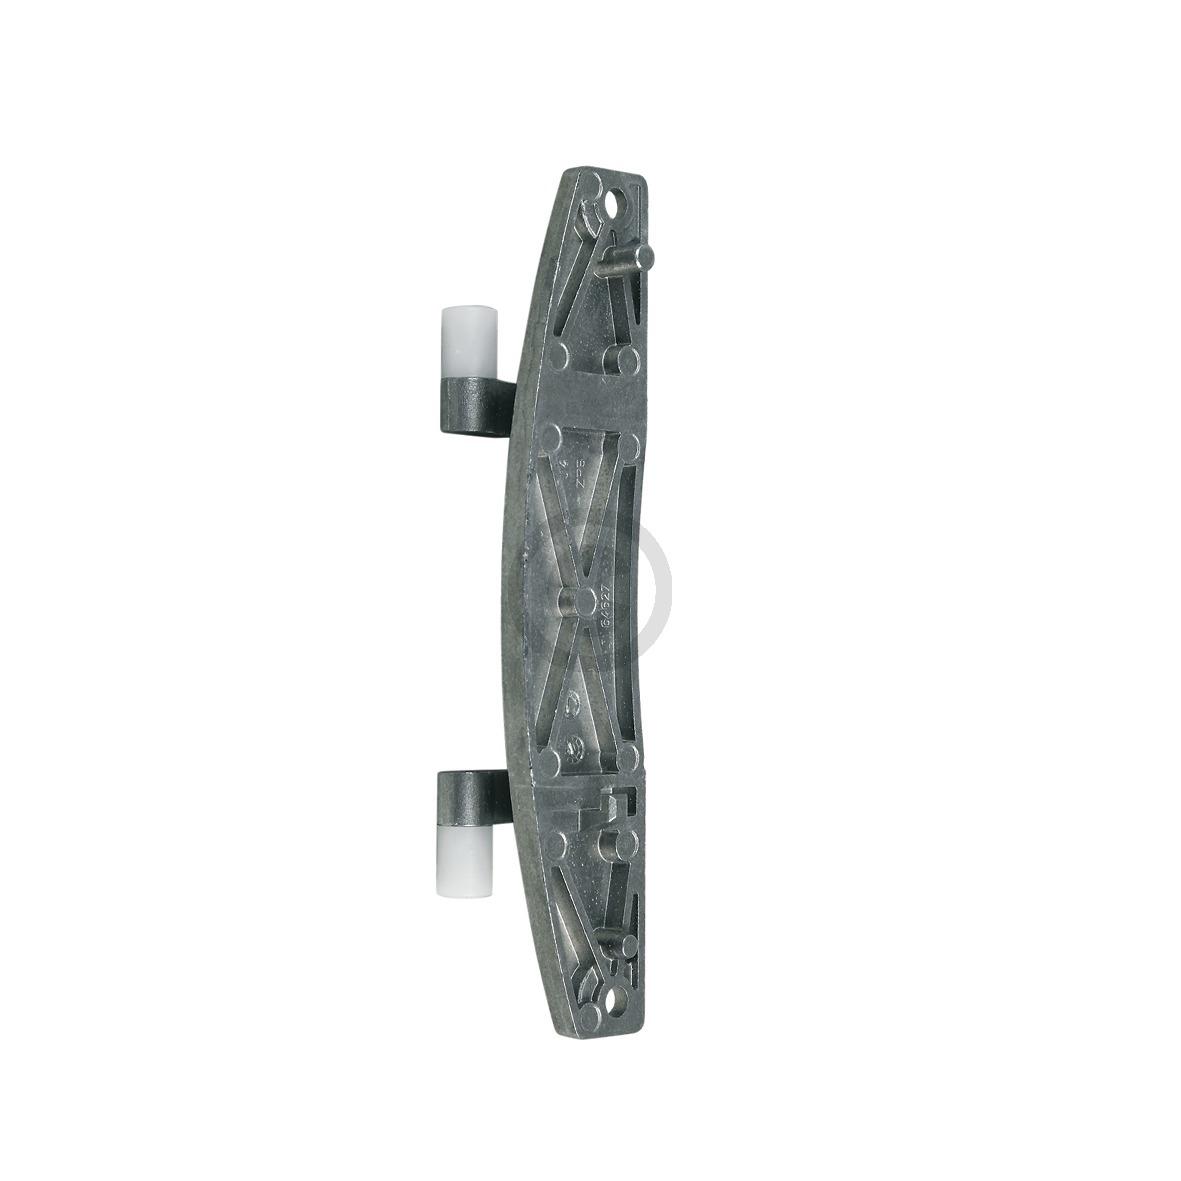 Türscharnier Bosch 00655117 für Waschmaschine Bosch, Siemens, Neff